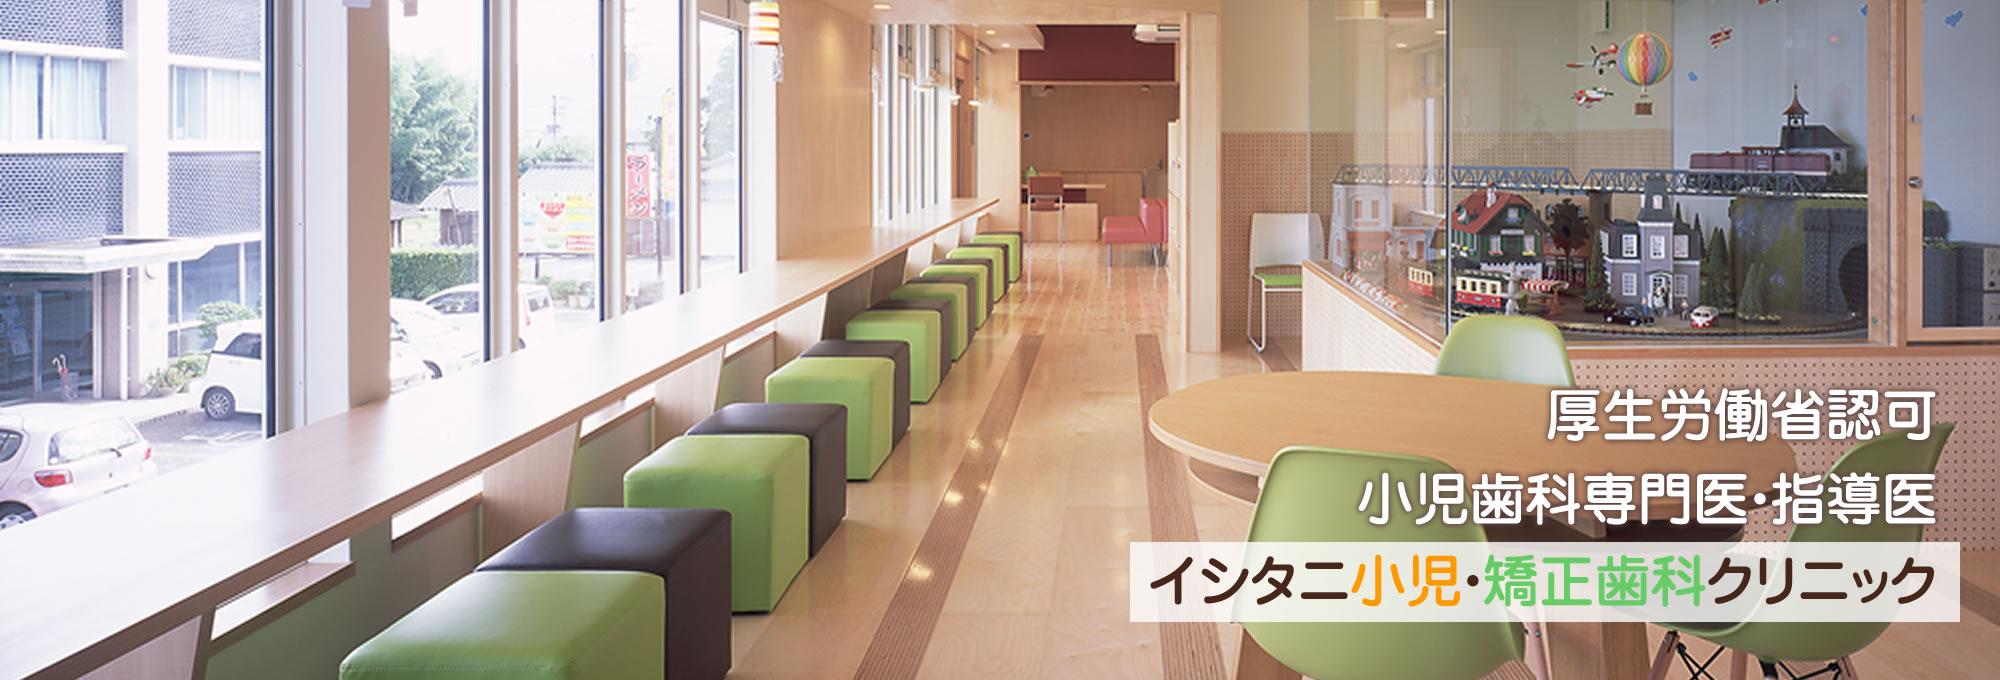 イシタニ小児・矯正歯科クリニック5